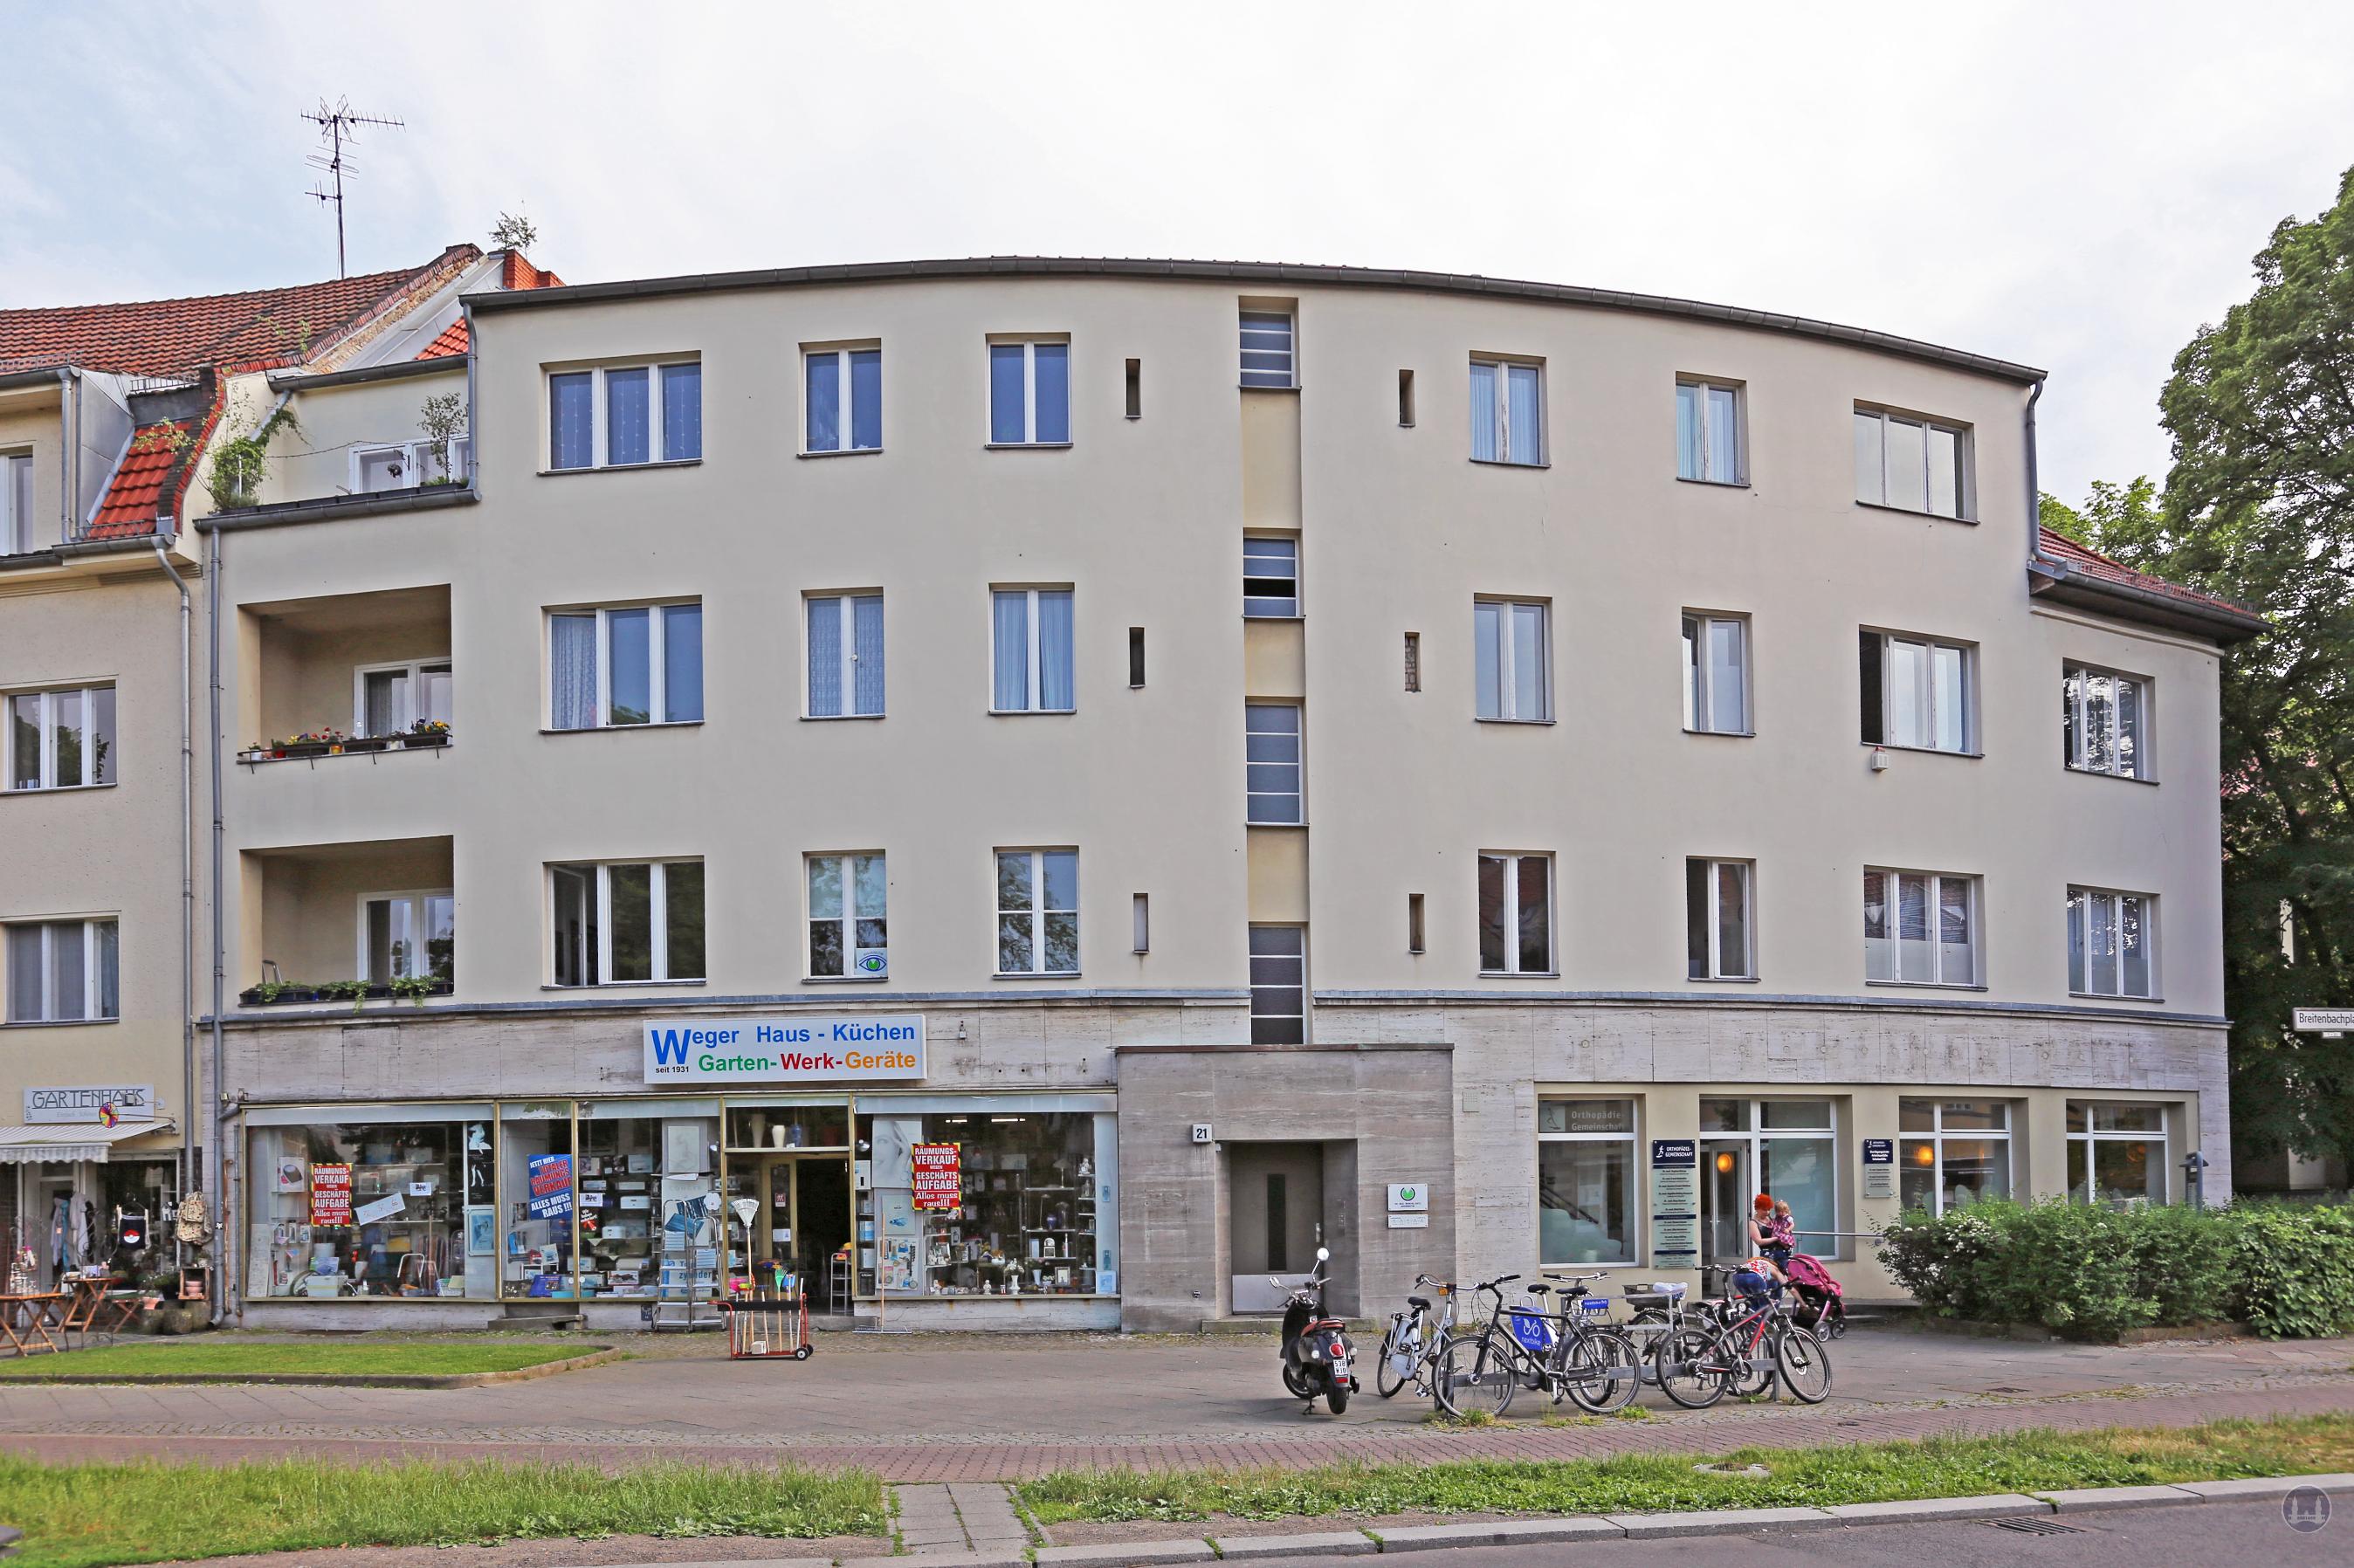 Berlin. Das Kino Lida am Breitenbachplatz. Eisenwaren Weger.